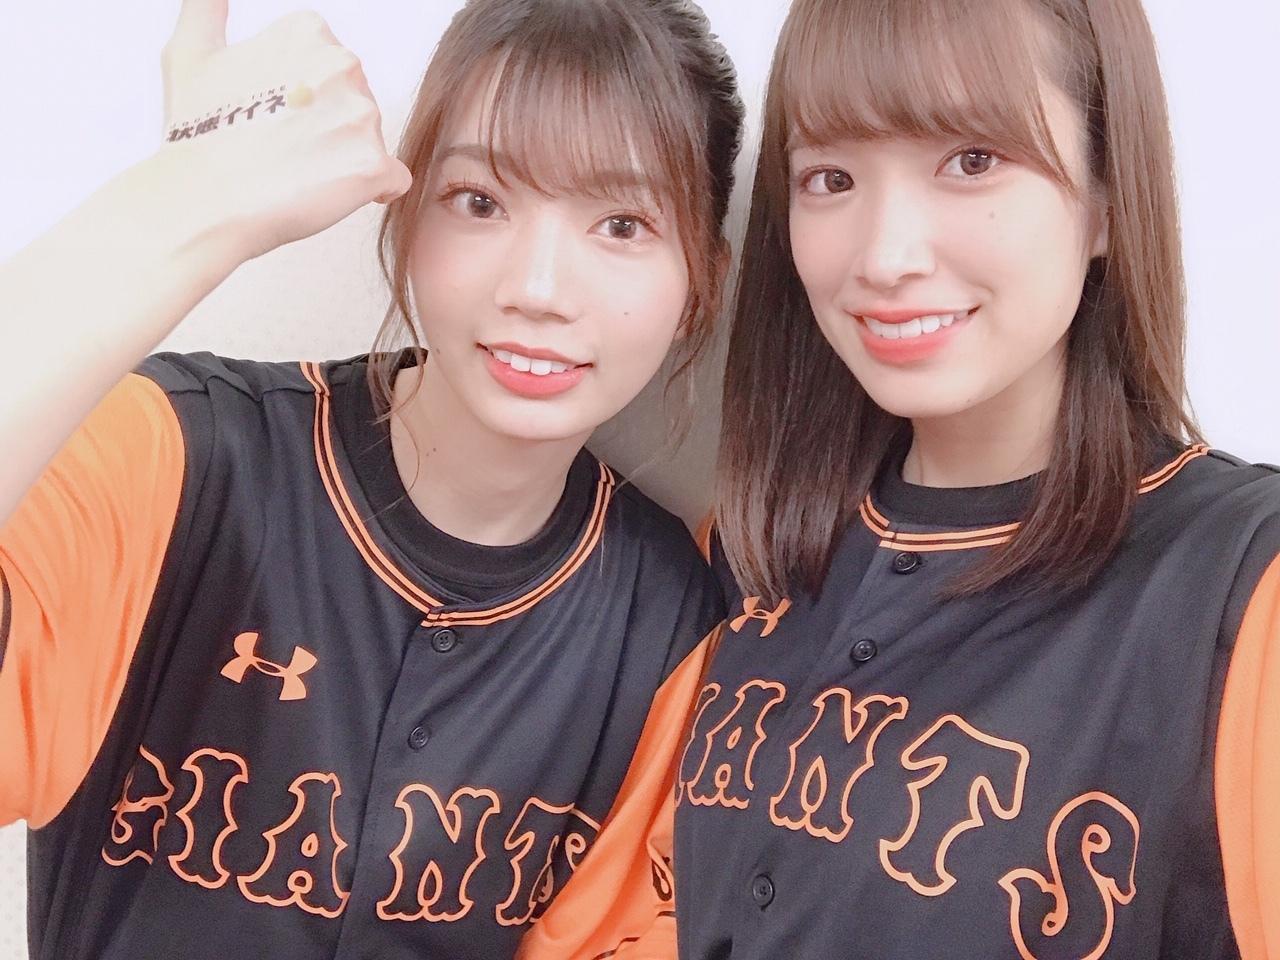 日向坂46メンバーブログまとめ2019年9月14日